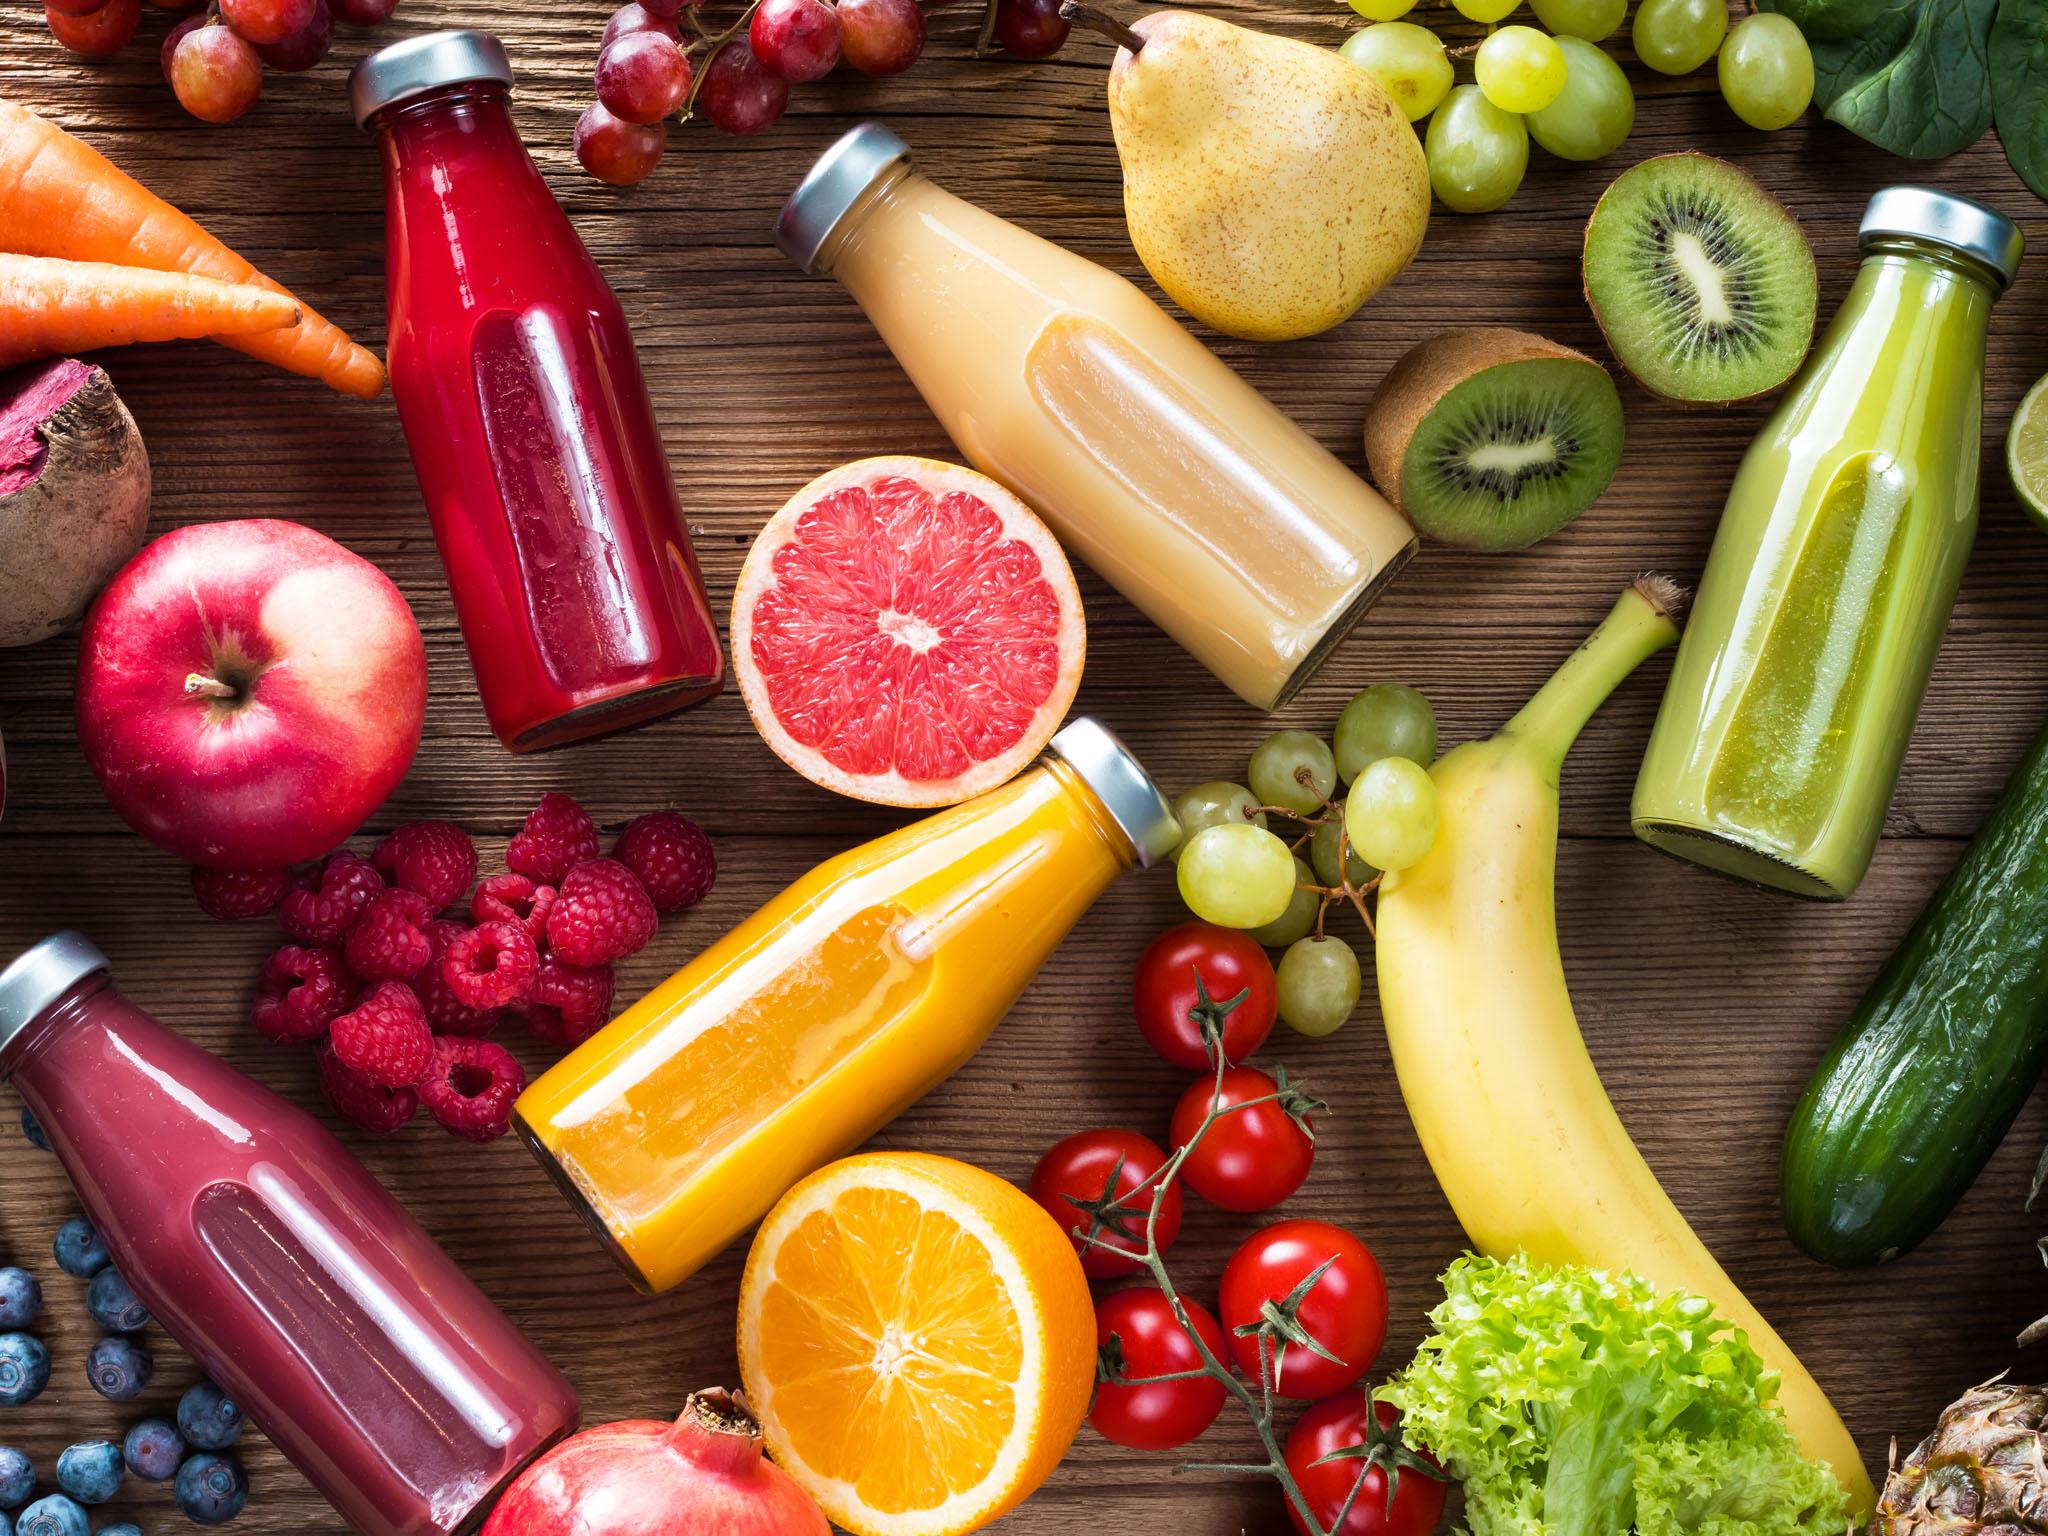 Hausse de la consommation des fruits et légumes entre janvier et juillet 2020